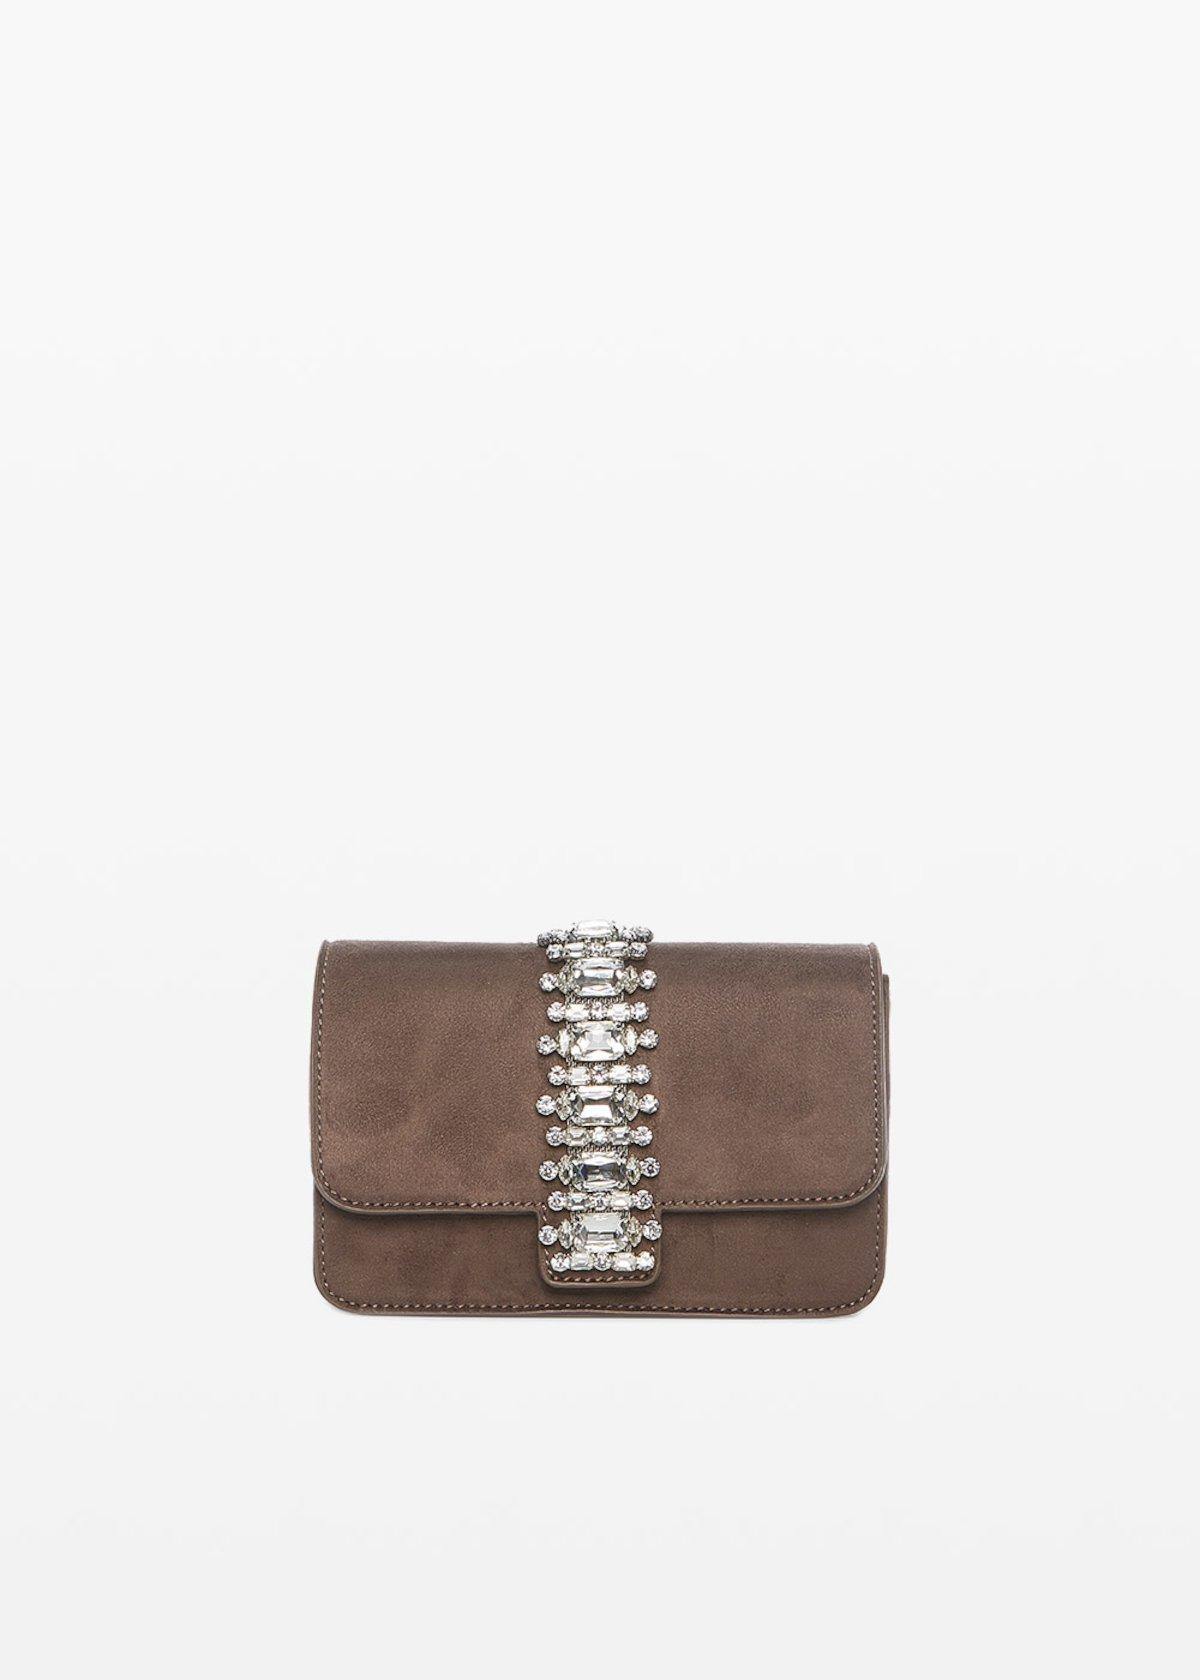 Blink Shoulder bag with crystal stones - Crosta - Woman